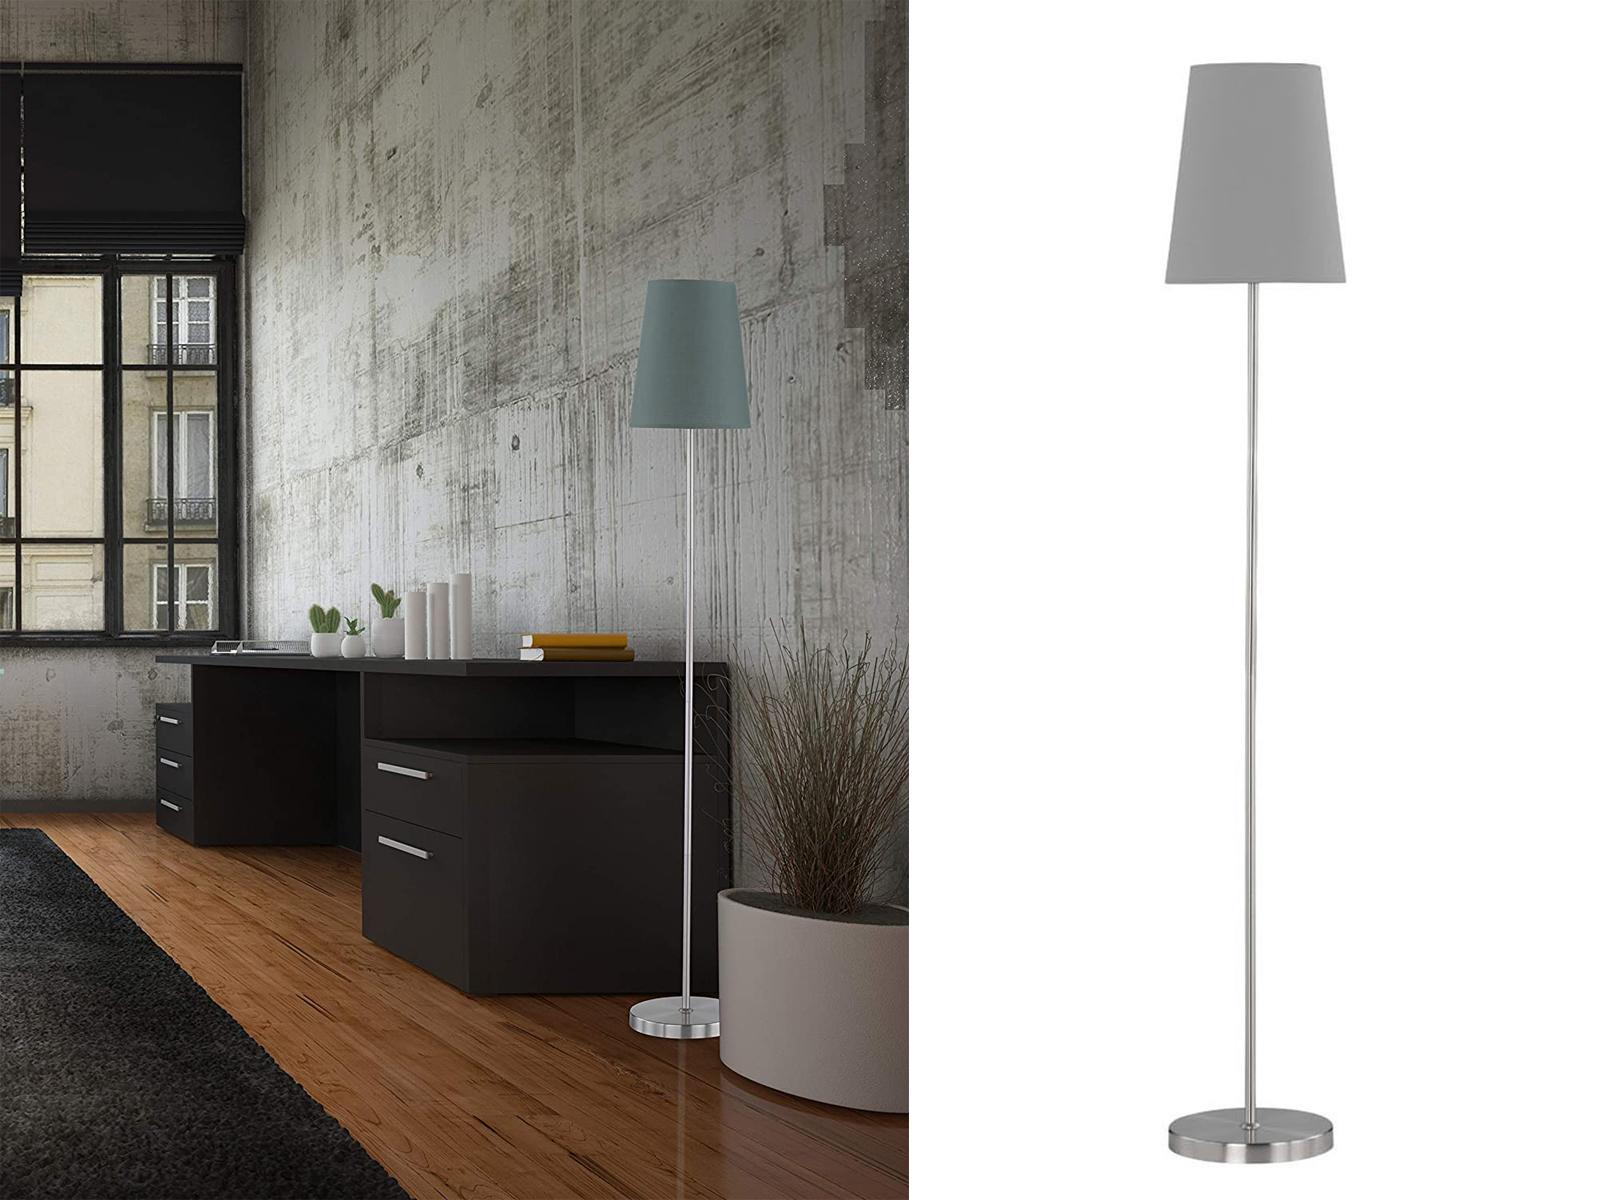 Genial Stehleuchte Mit Stoffschirm Foto Von Das Bild Wird Geladen Wofi-stehleuchte-fynn-stoffschirm -grau-e27-lampe-wohnzimmer-